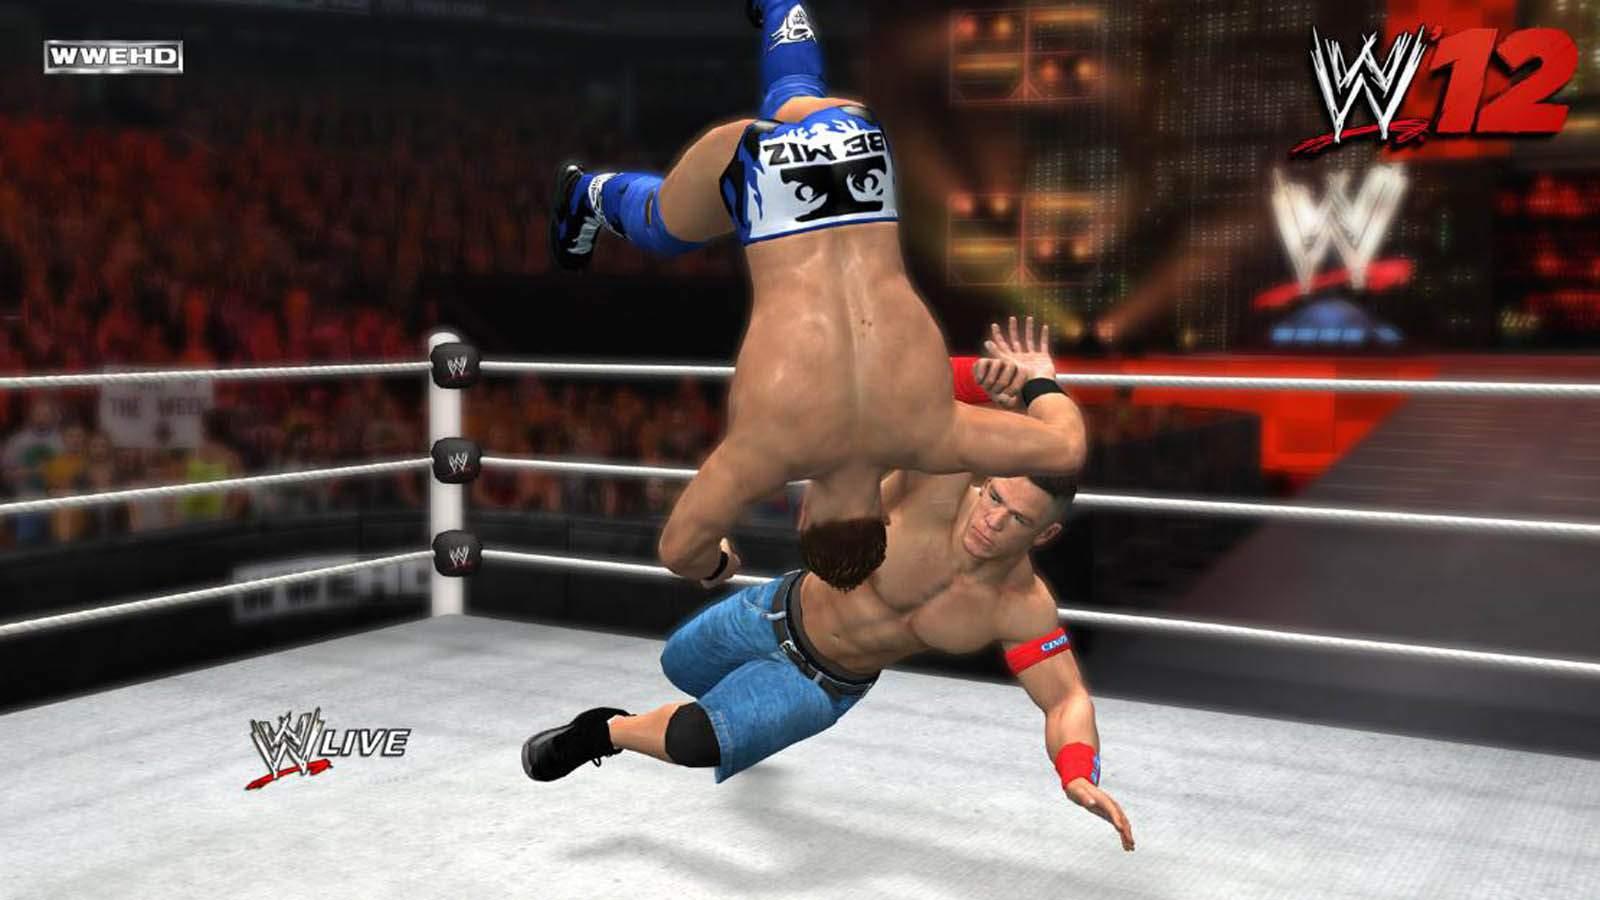 تحميل لعبة WWE 2012 مضغوطة برابط واحد مباشر كاملة مجانا